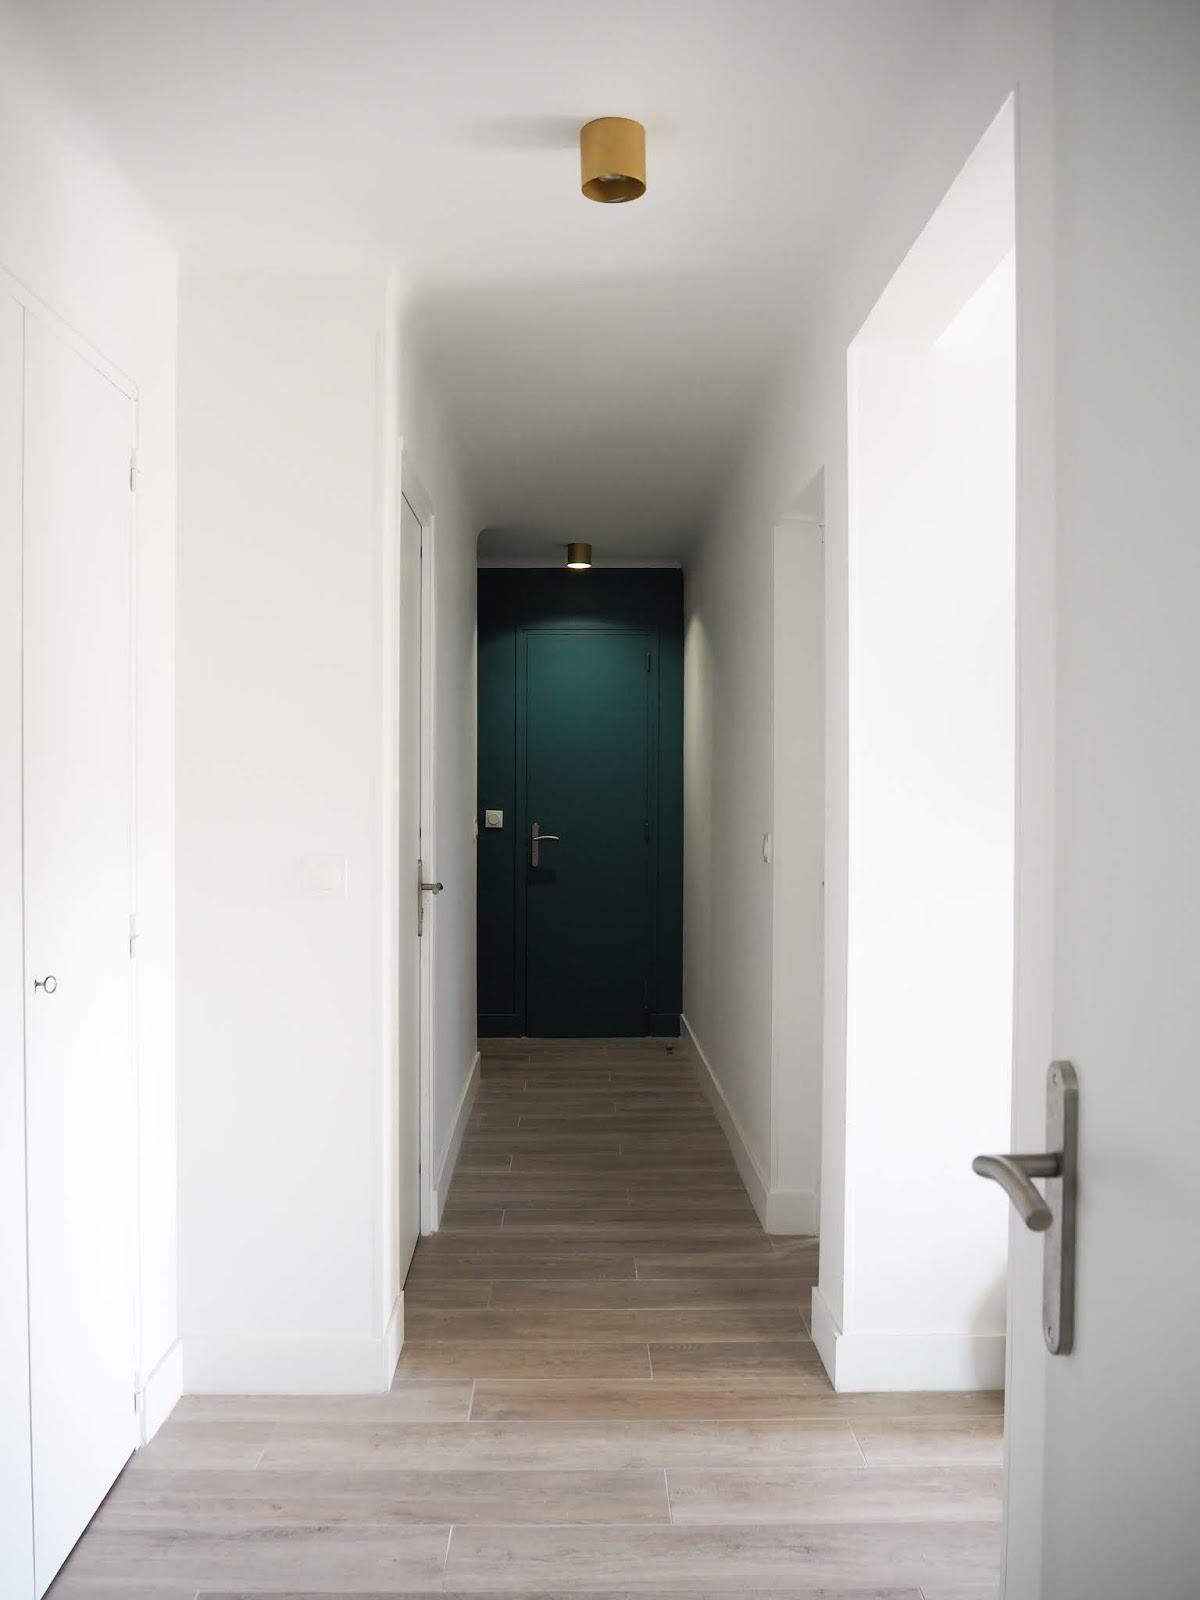 décoration d'intérieur - aix en provence - ilaria fatone- maison paulette - couloir